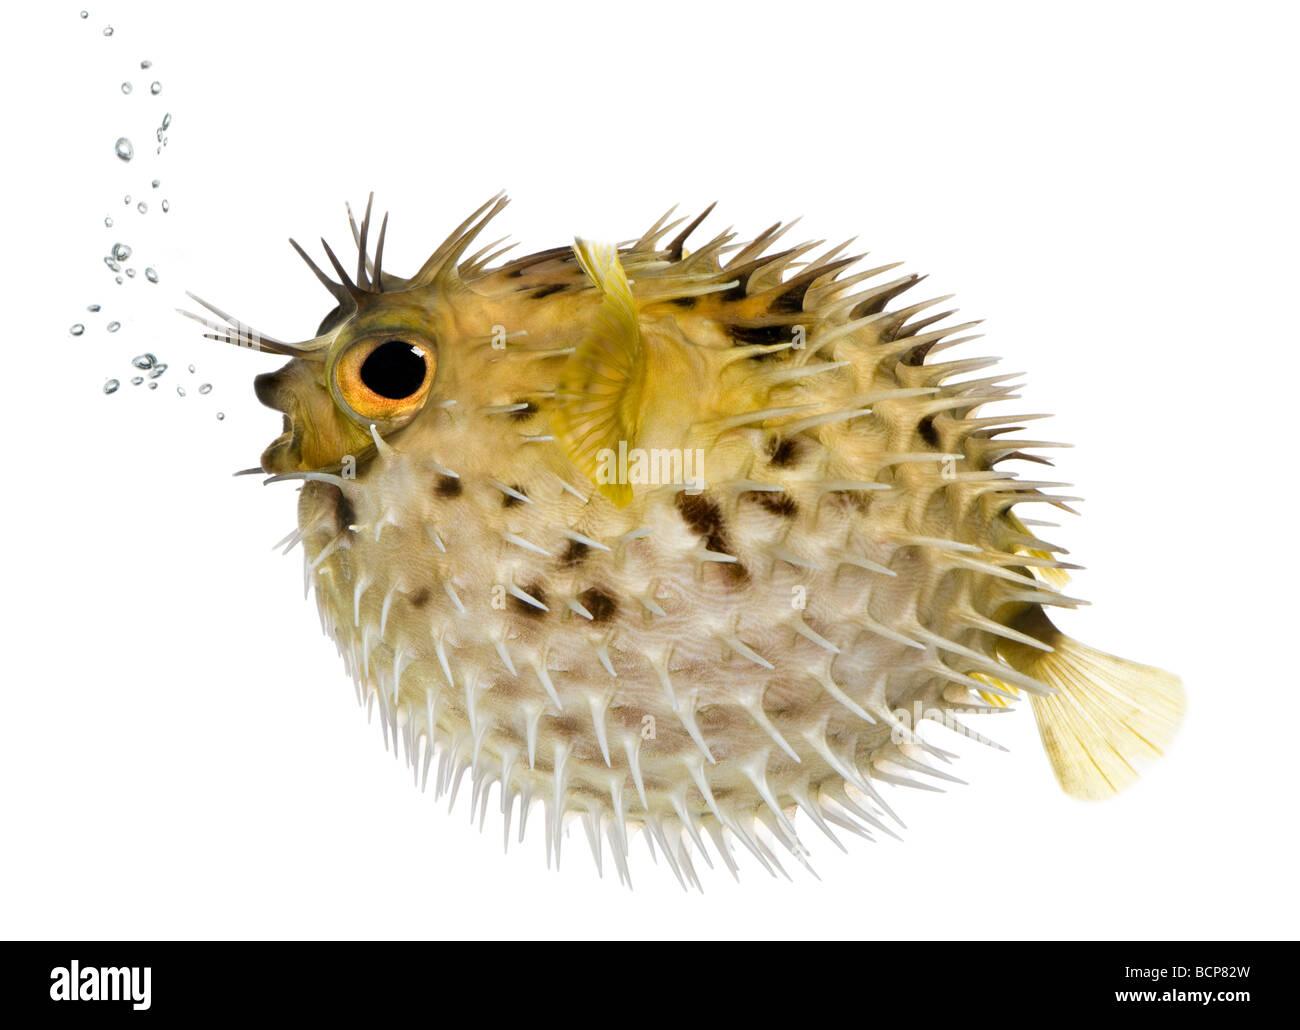 Largo de la columna vertebral, también conocida como porcupinefish balloonfish peces espinosos, Diodon holocanthus, Imagen De Stock